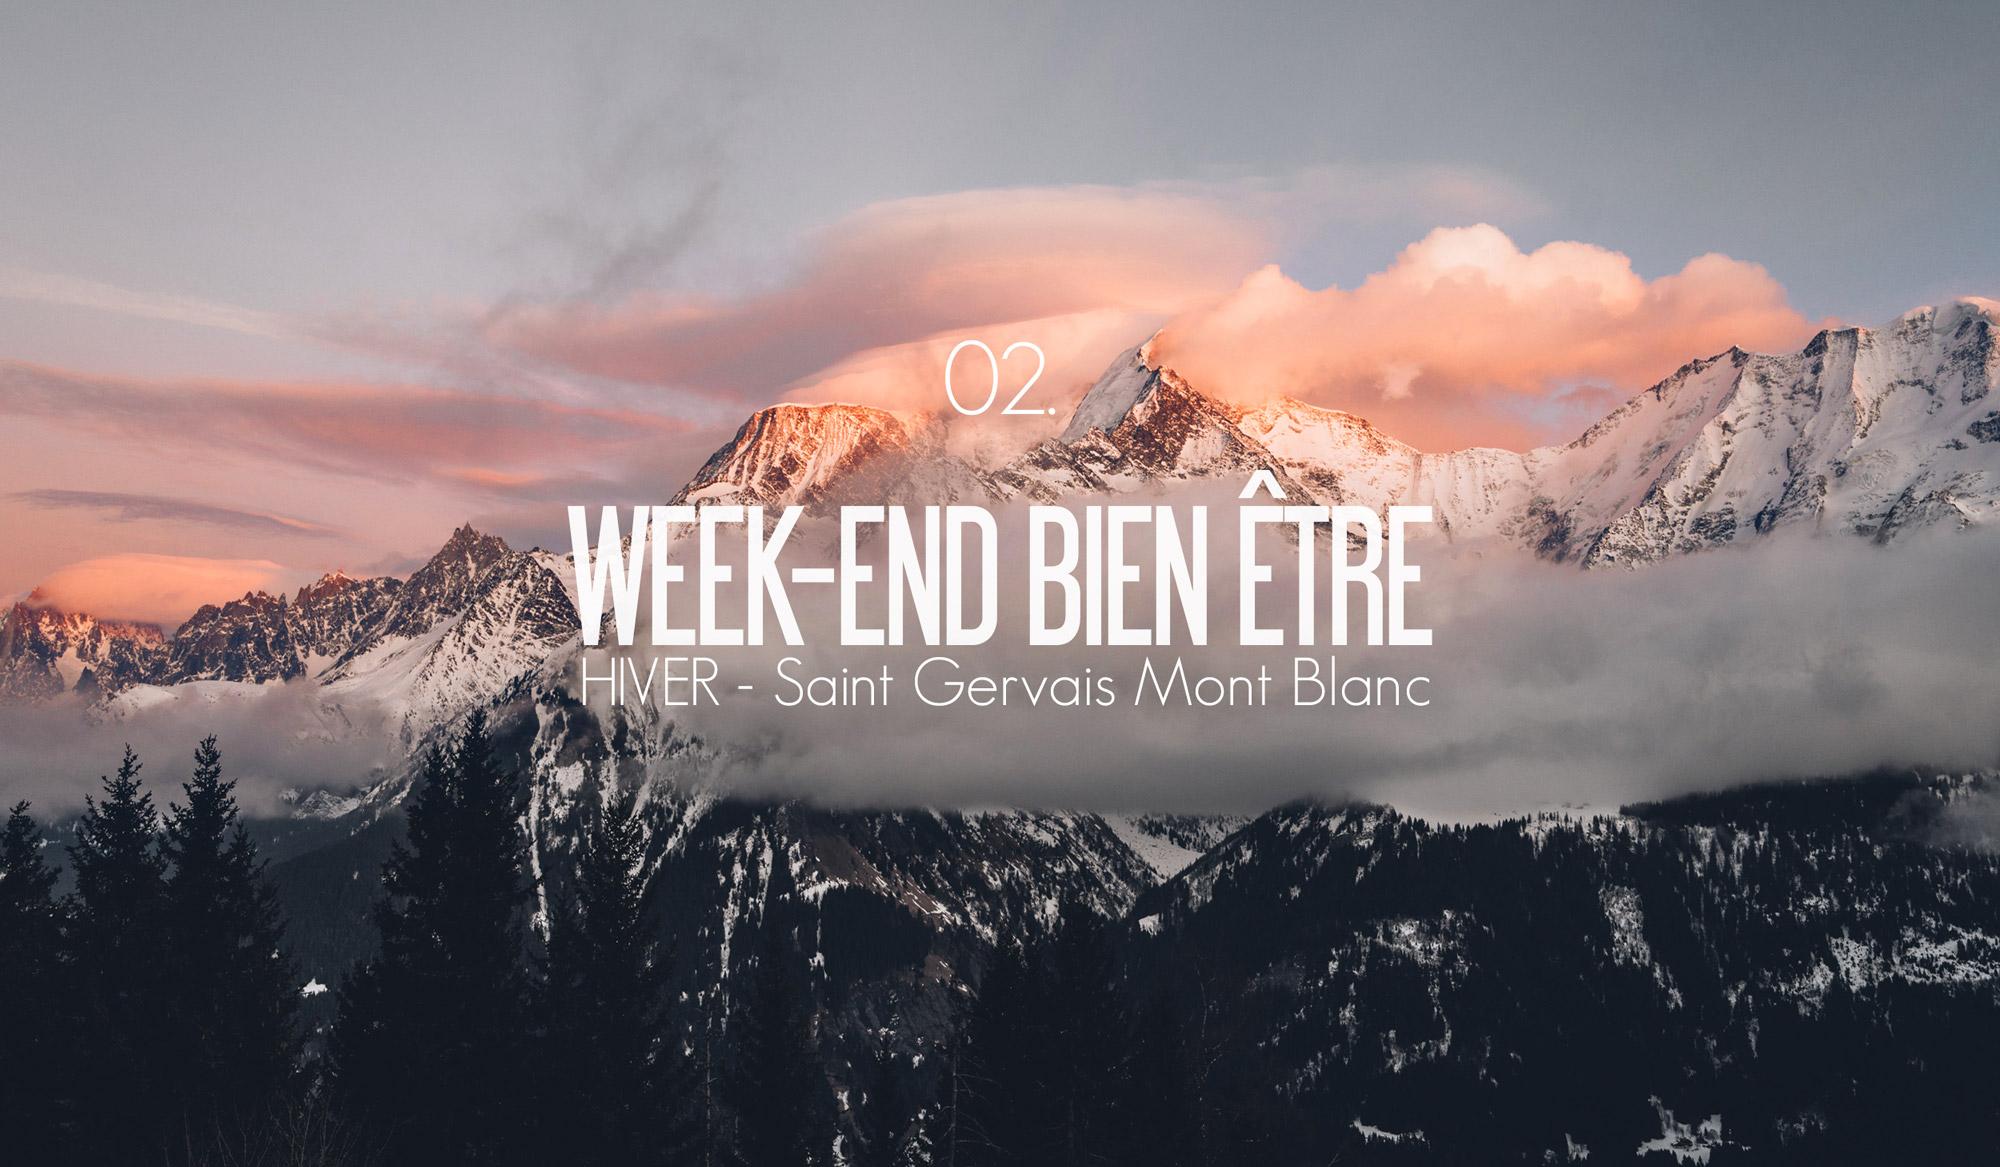 Week End Bien Etre Saint Gervais Mont Blanc